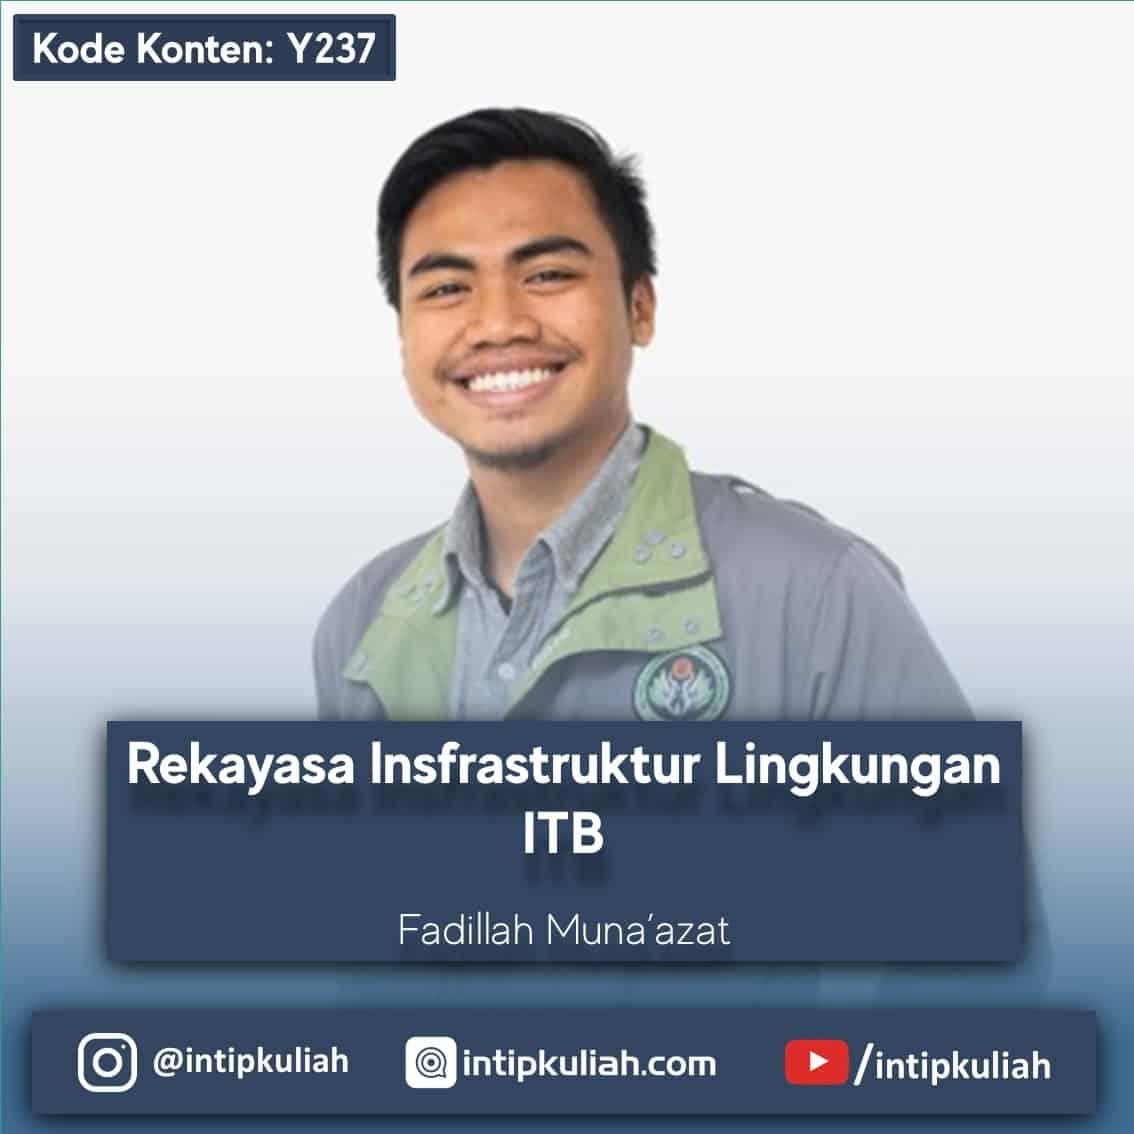 Rekayasa Infrastruktur Lingkungan ITB (Fadillah)